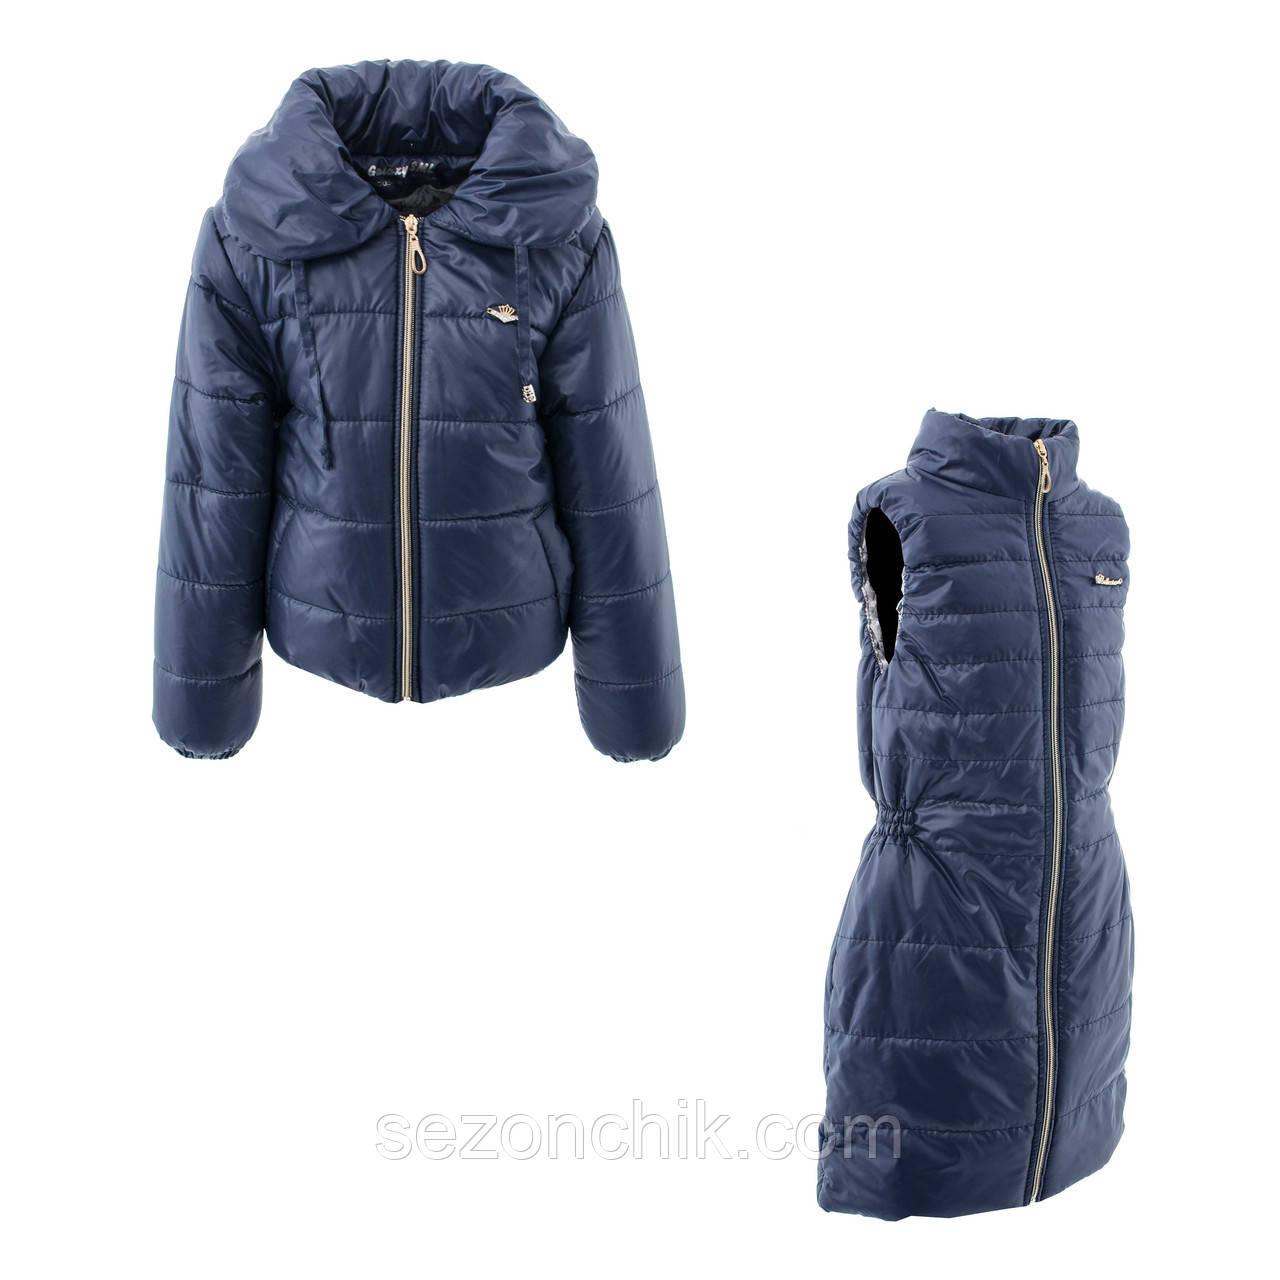 Удлинённые куртки детские на девочек от производителя